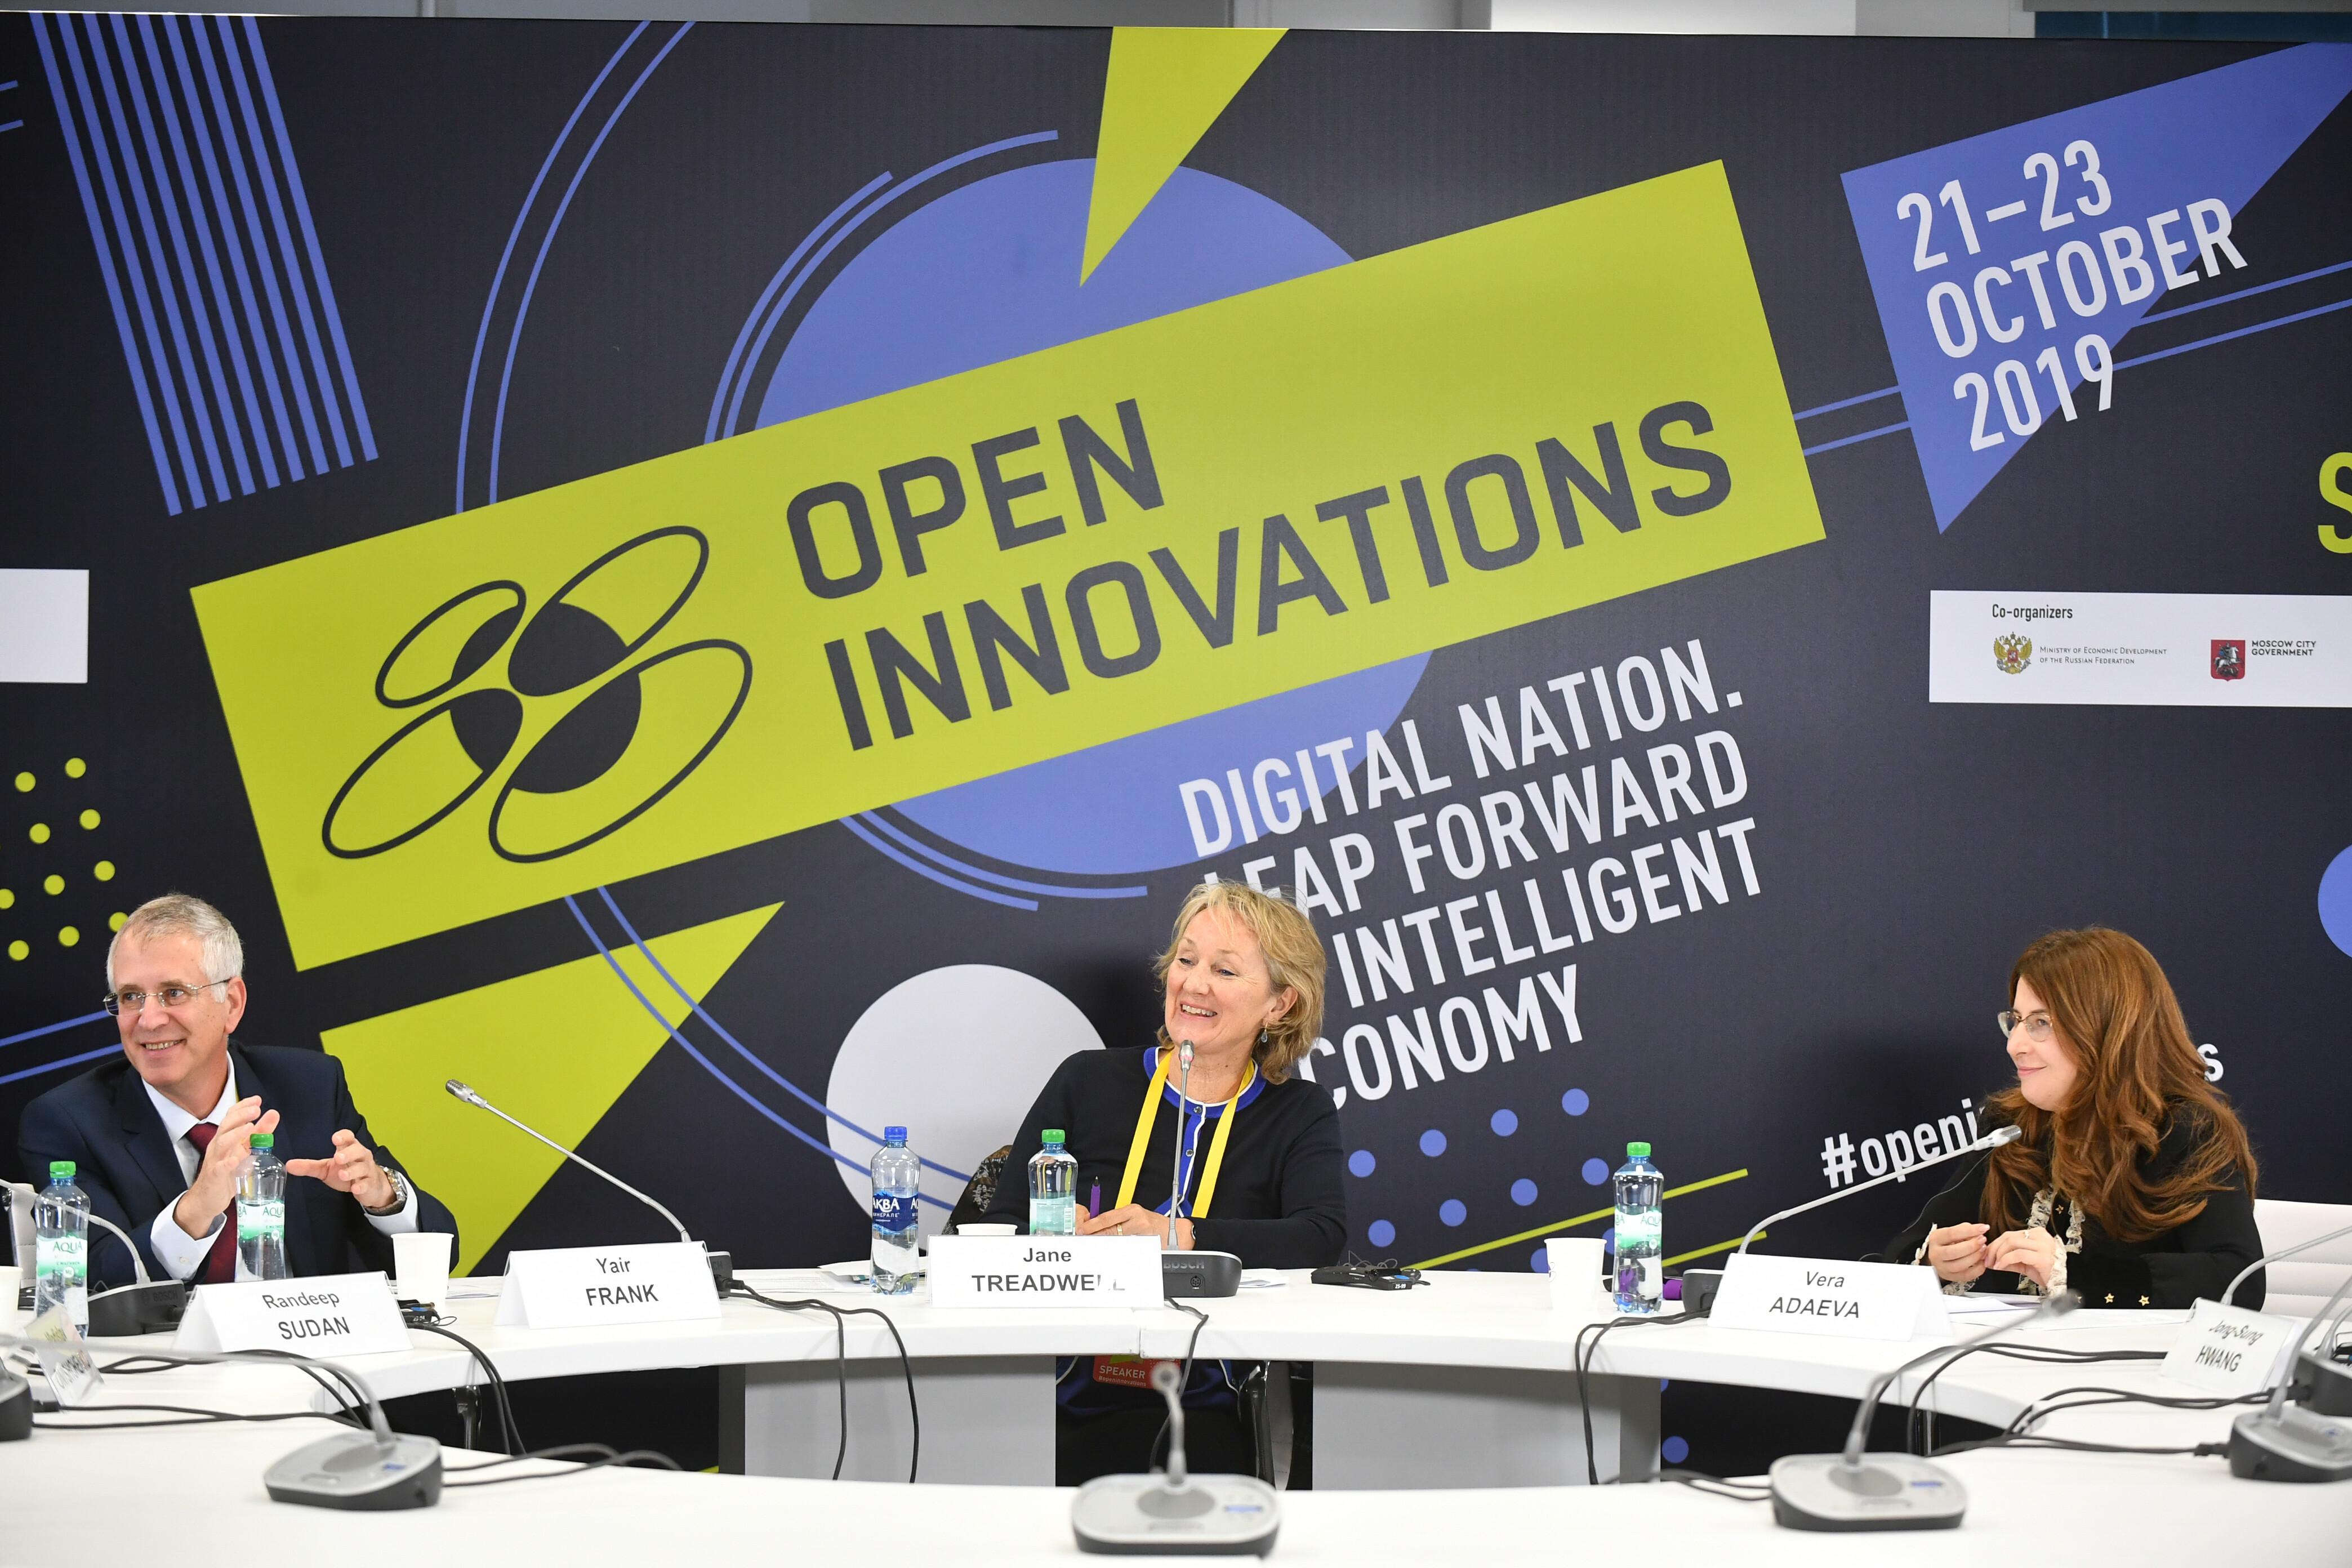 Первый день форума «Открытые инновации»: акцент на интересах человека